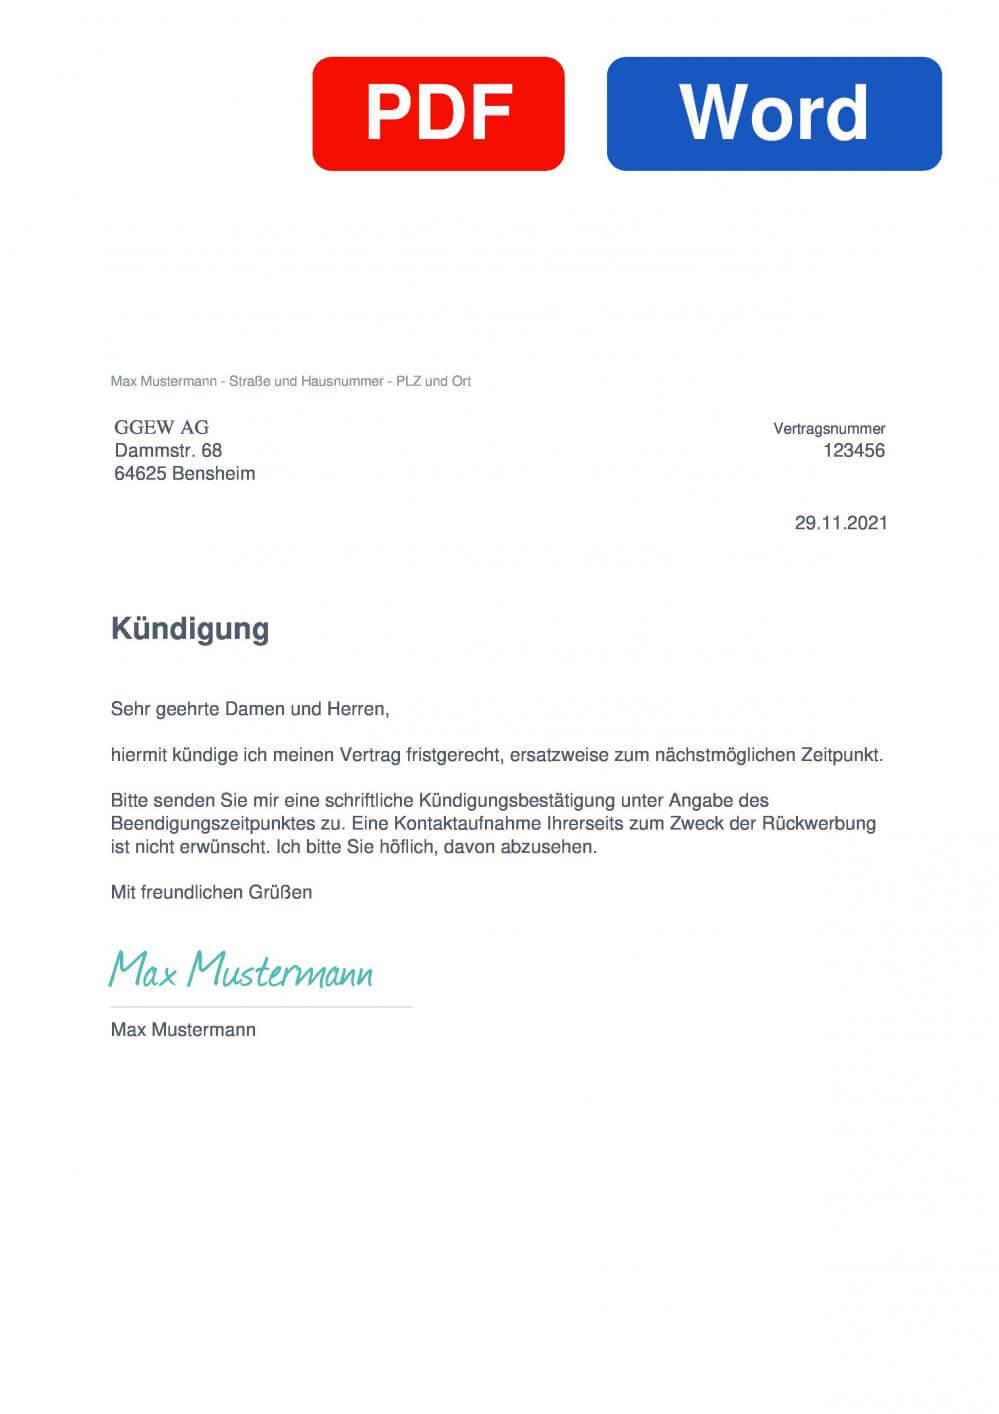 GGEW Muster Vorlage für Kündigungsschreiben